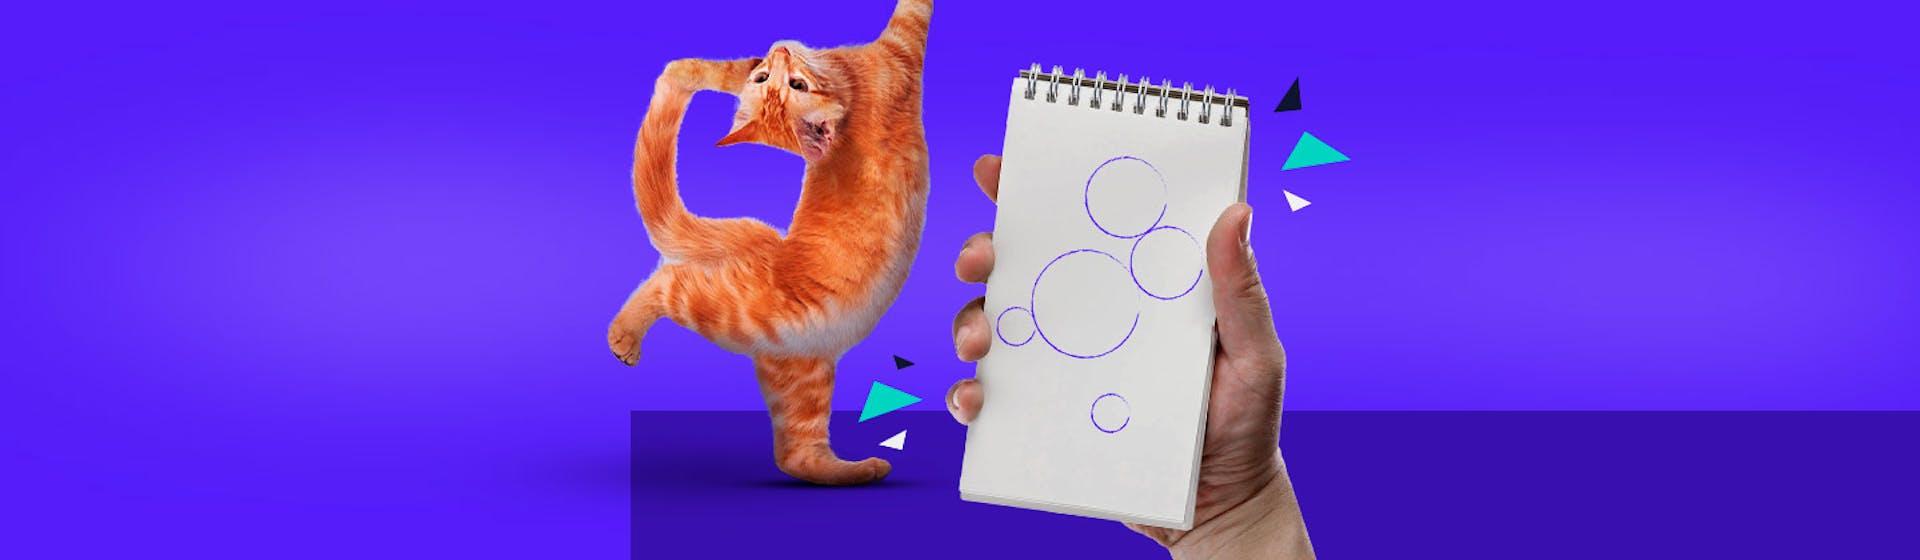 ¿Cómo dibujar un gato realista? Es así de fácil con estos tips que te convertirán en artista